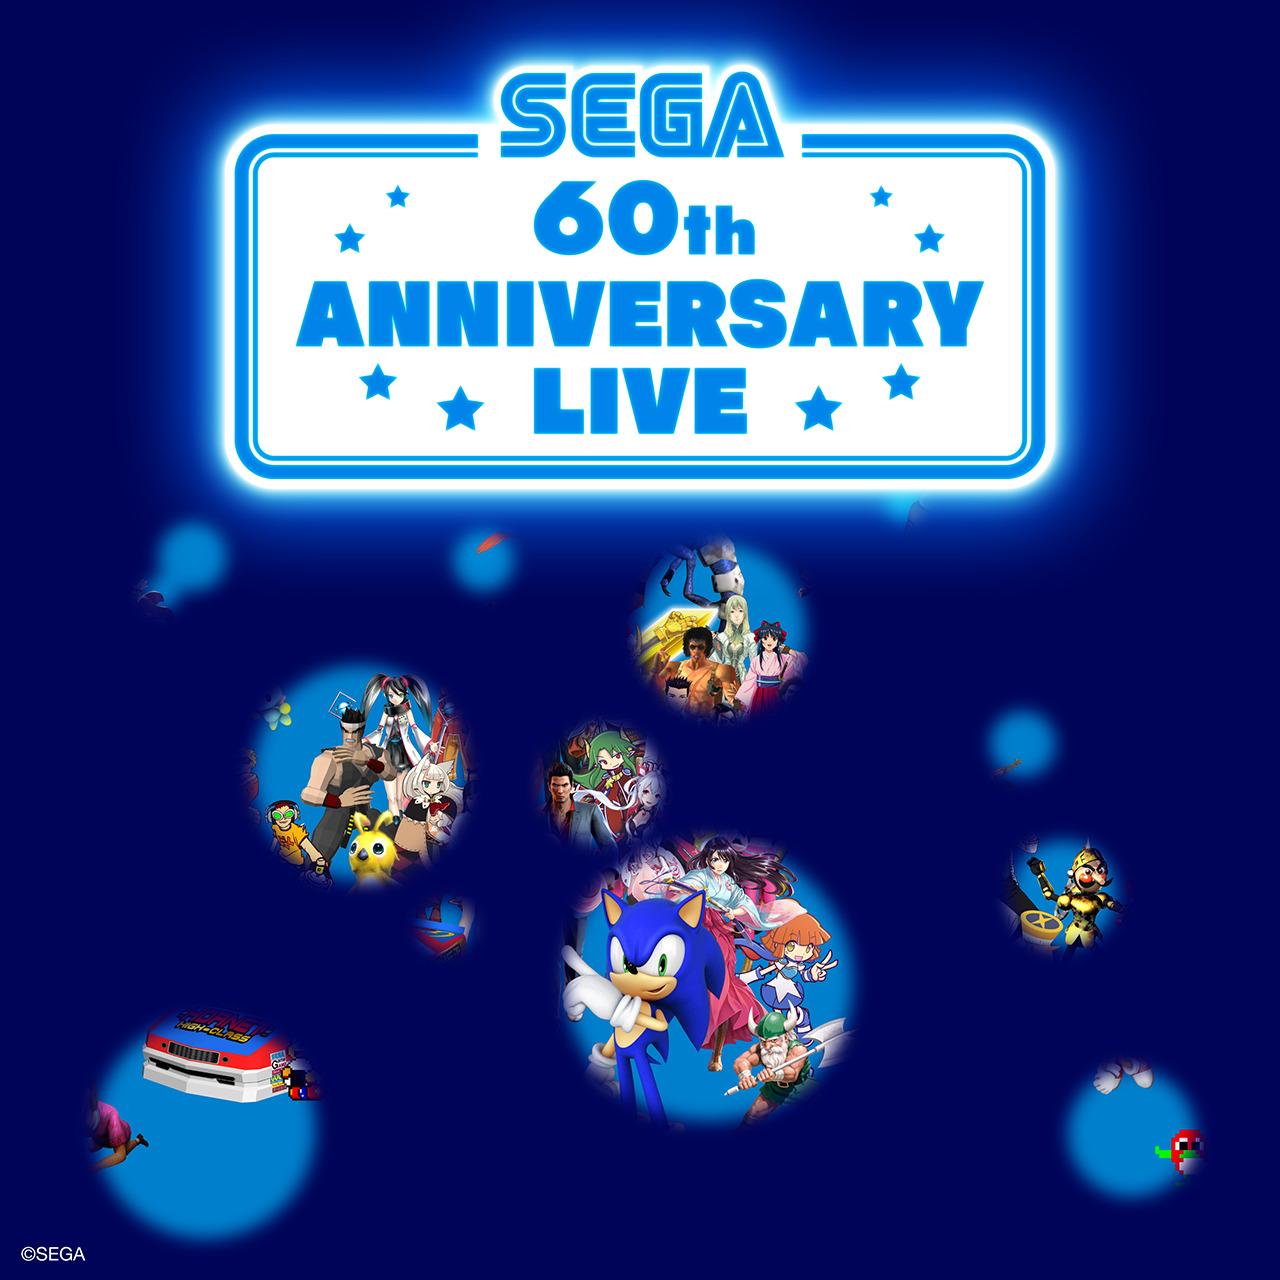 Sega 60th Anniversary Live Concert